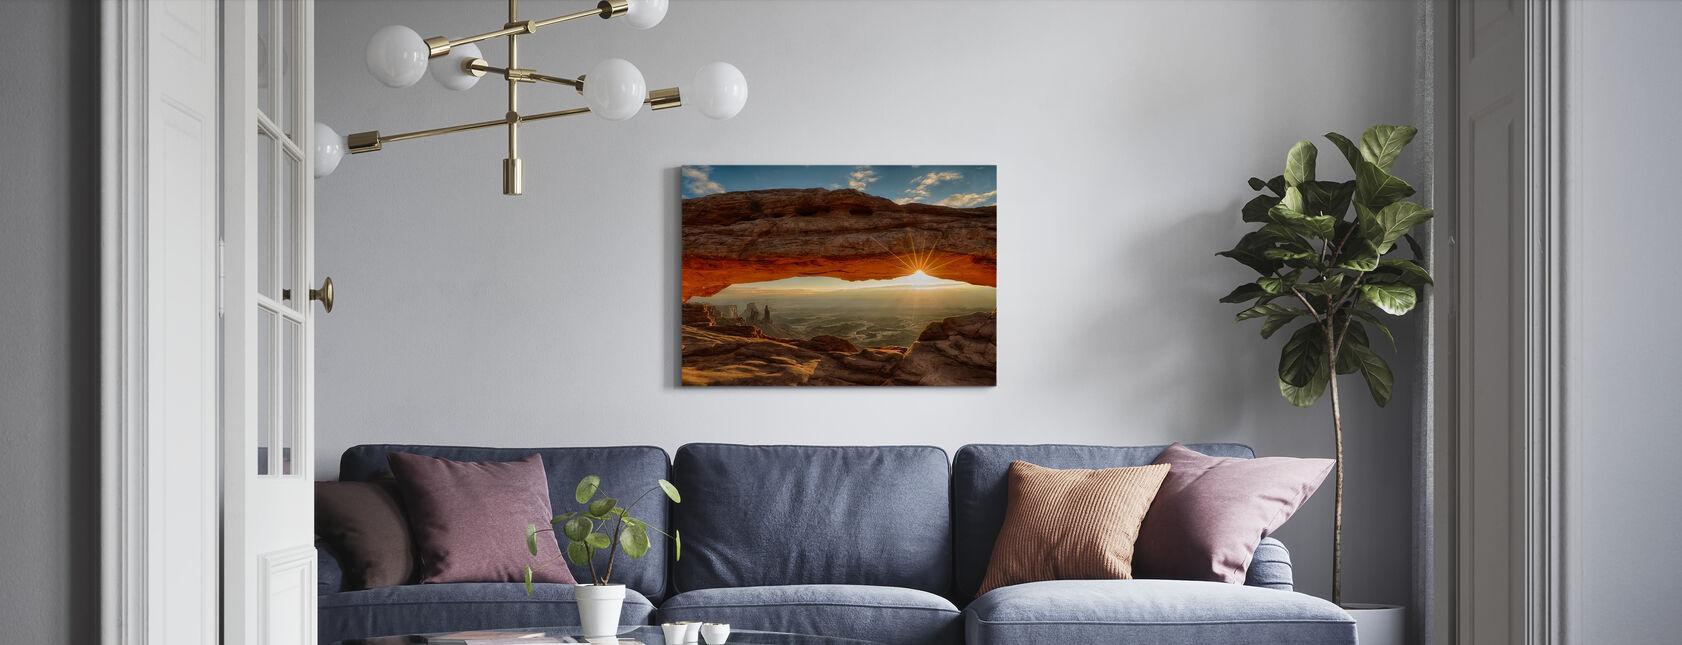 Mesa Arch Dawn Sunburst - Lerretsbilde - Stue